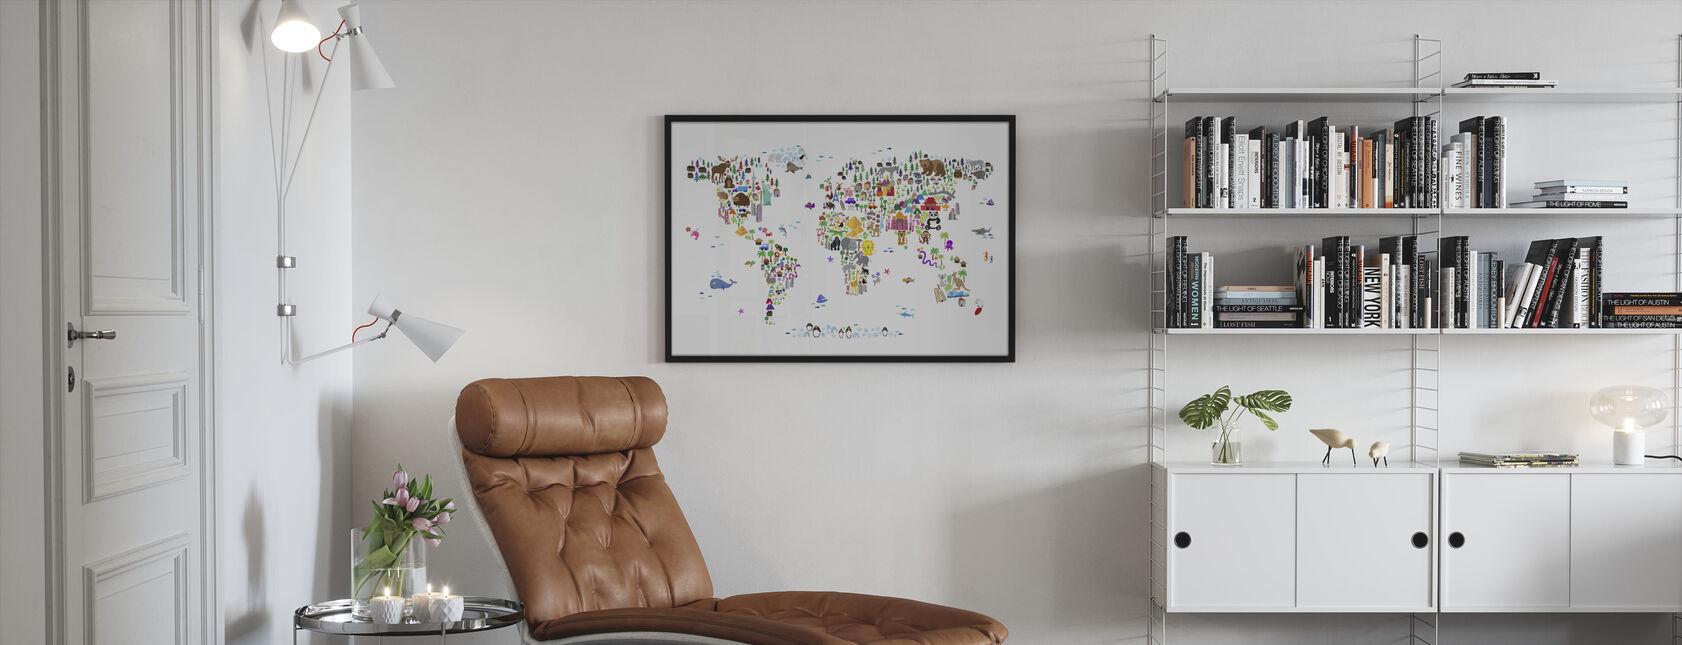 Carte des animaux de Le monde - Impression encadree - Salle à manger